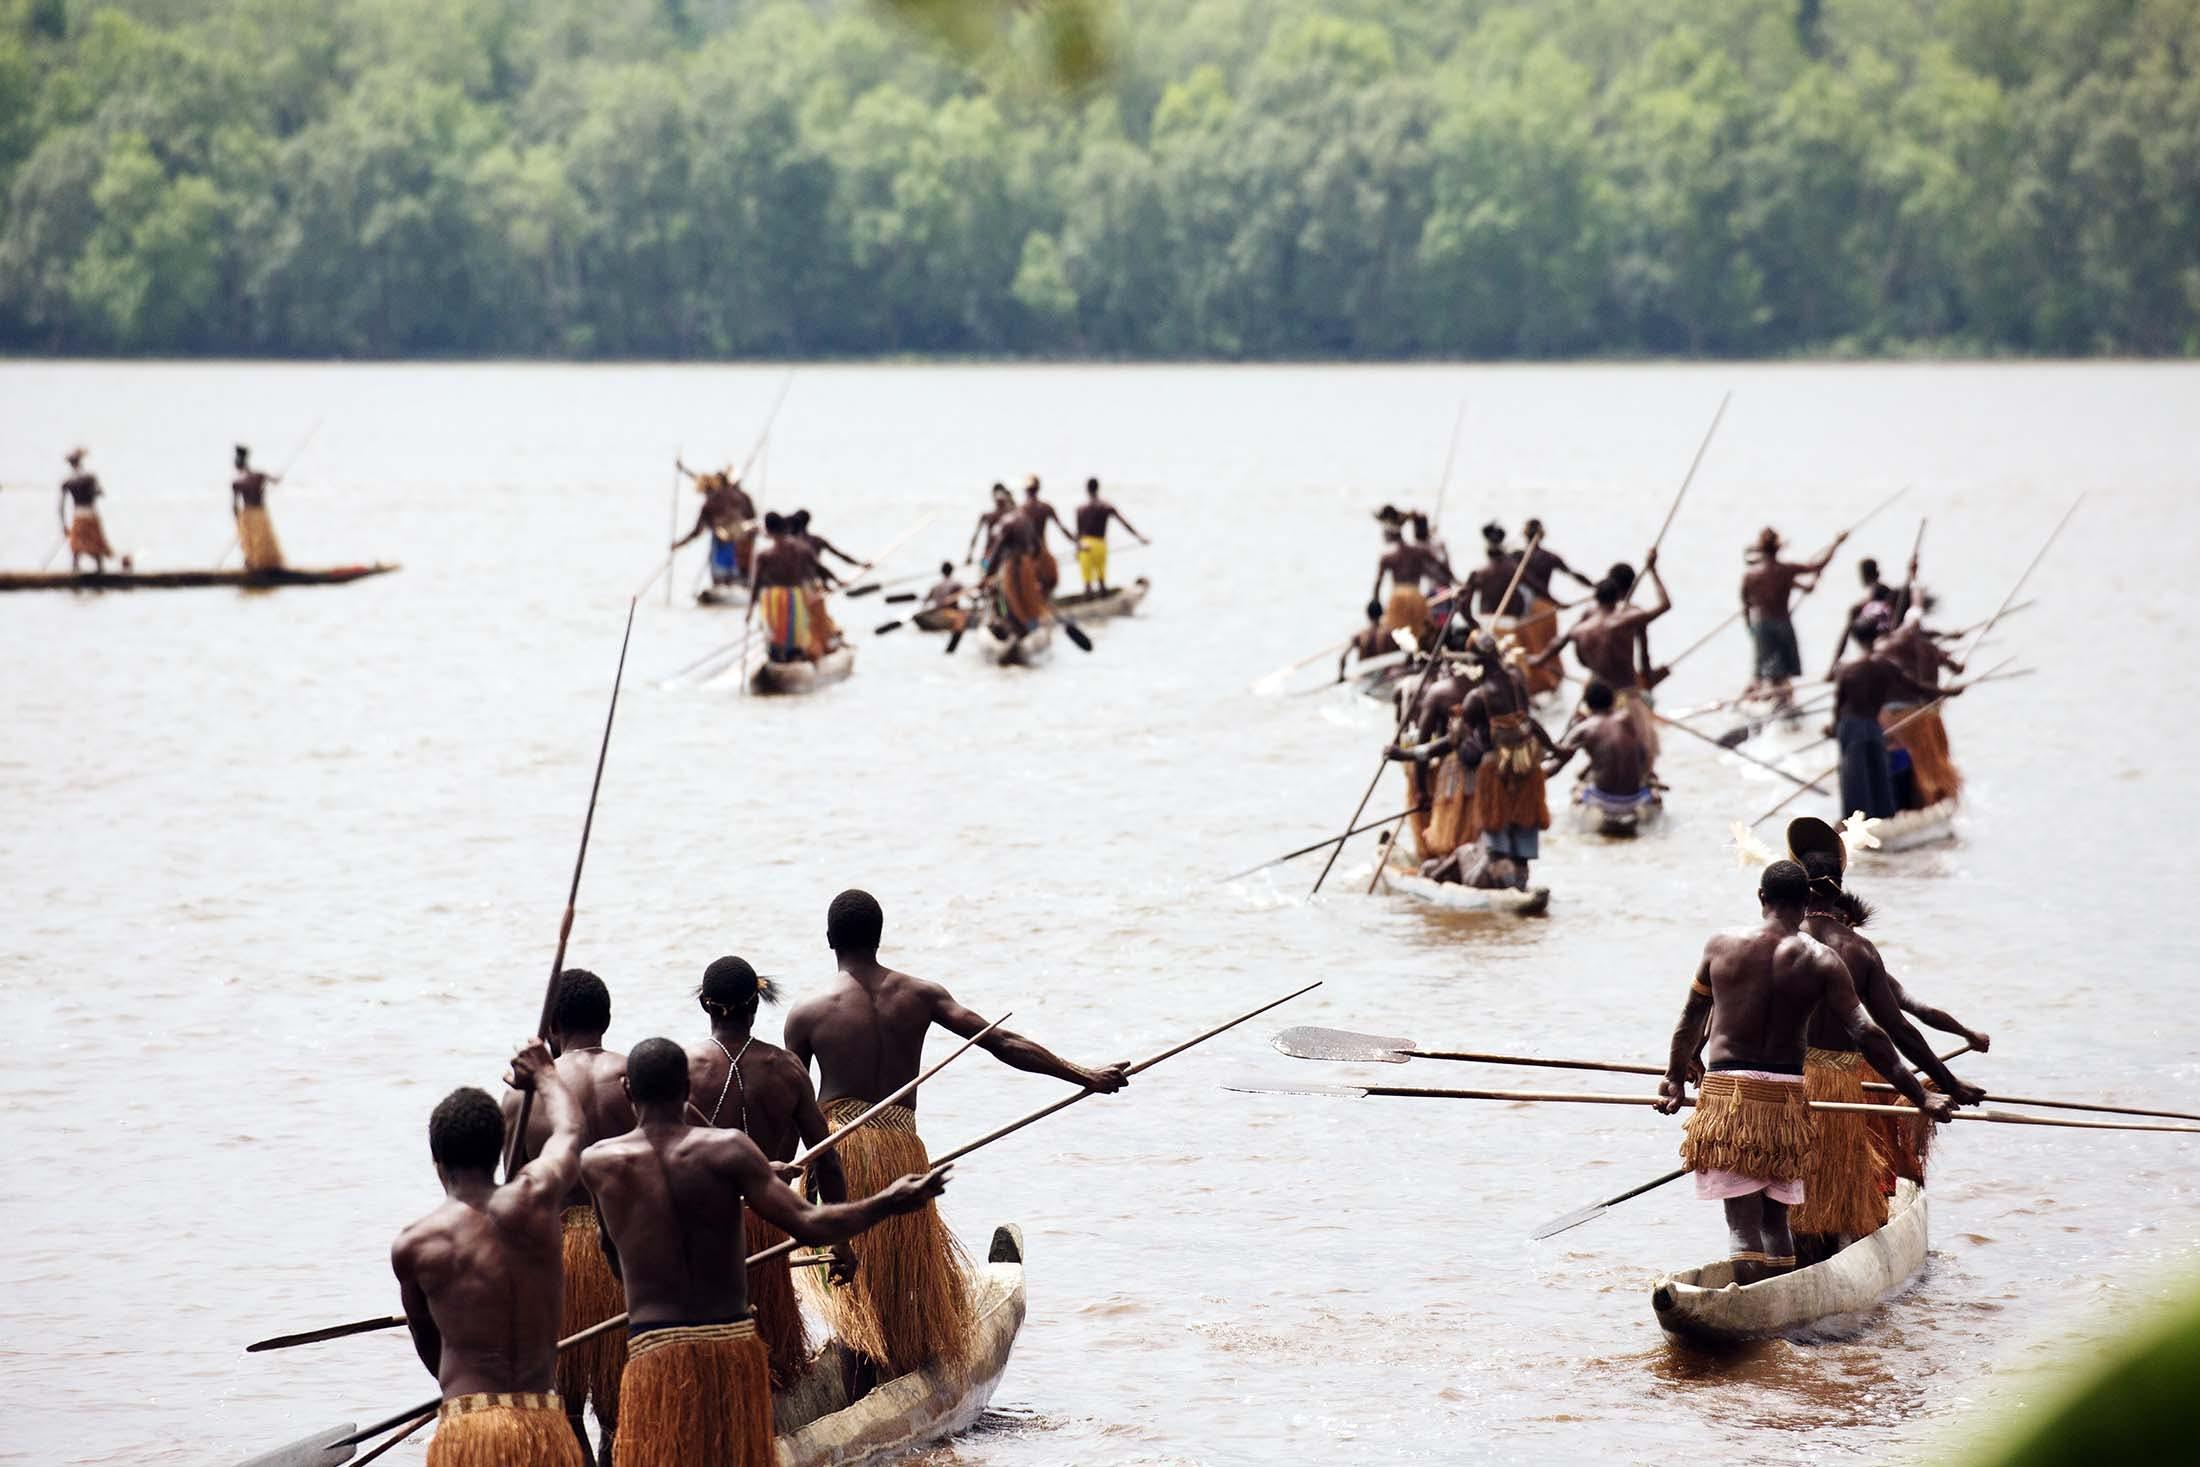 Asmat, West Papua, Indonesia